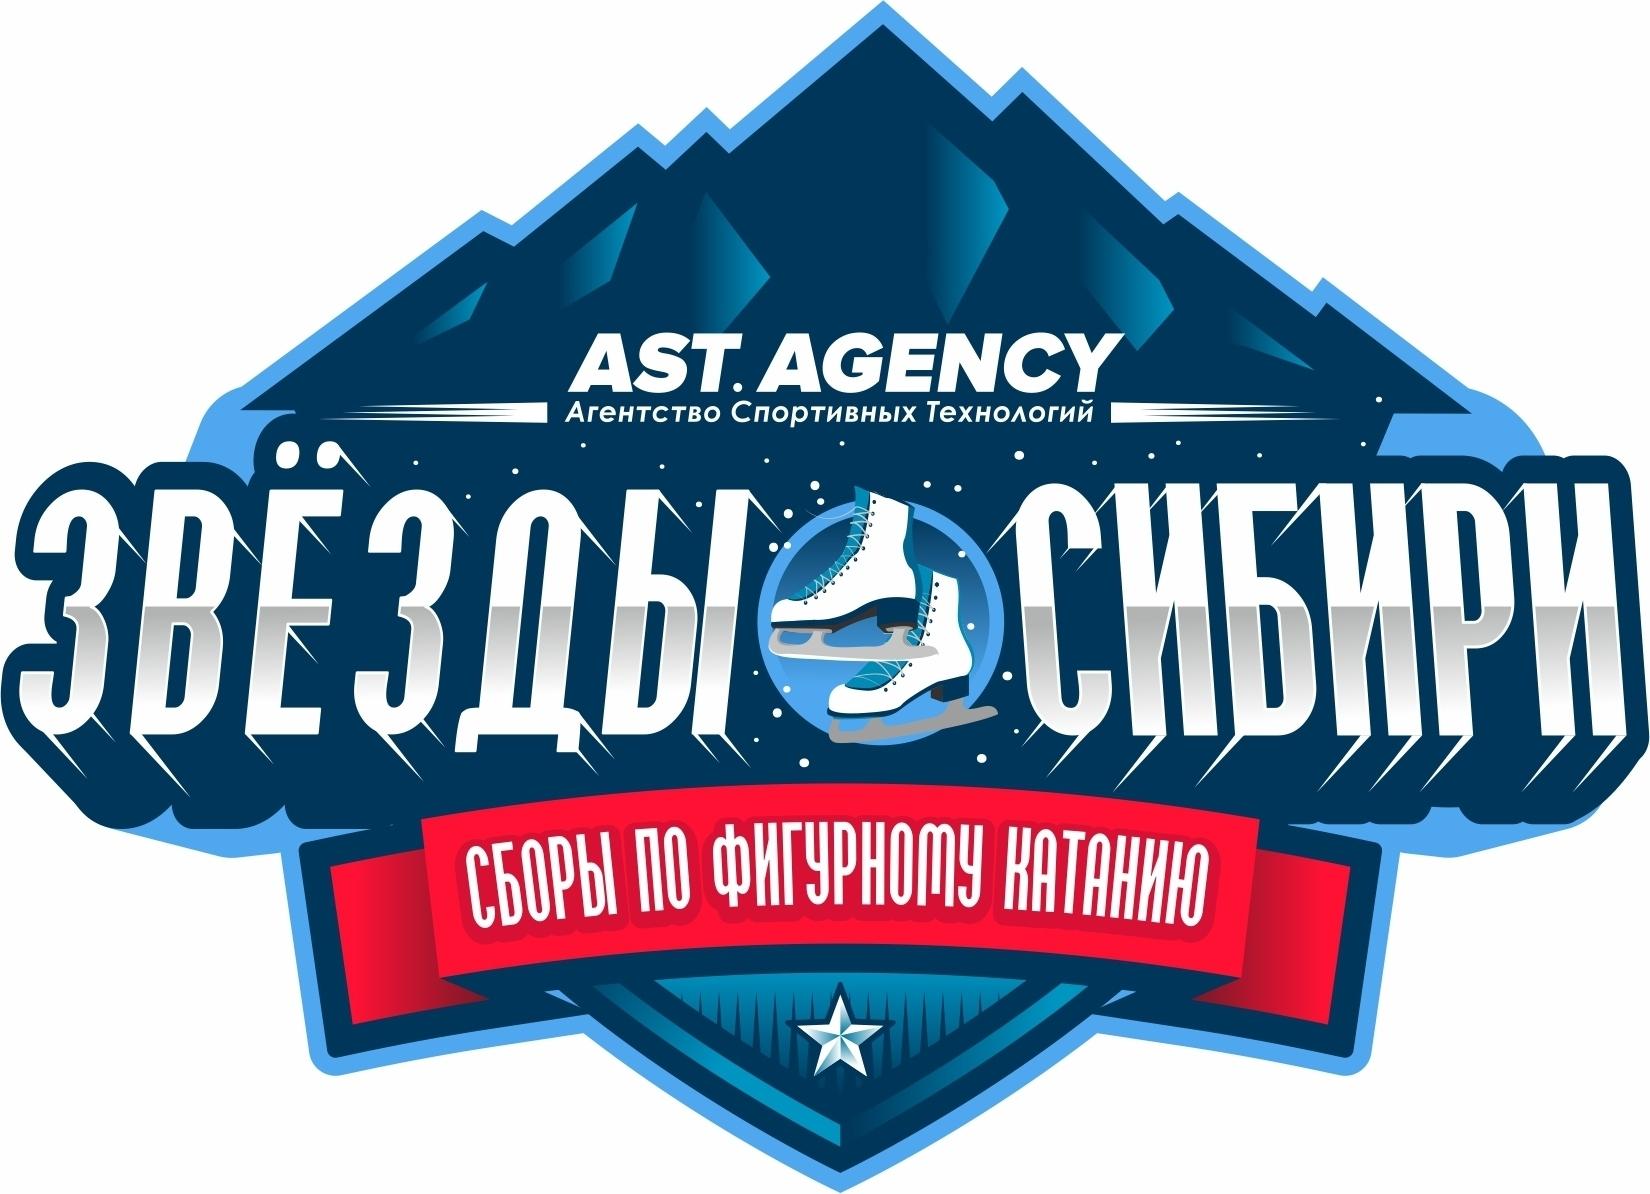 Сборы по фигурному катанию «Звёзды Сибири — 2019»